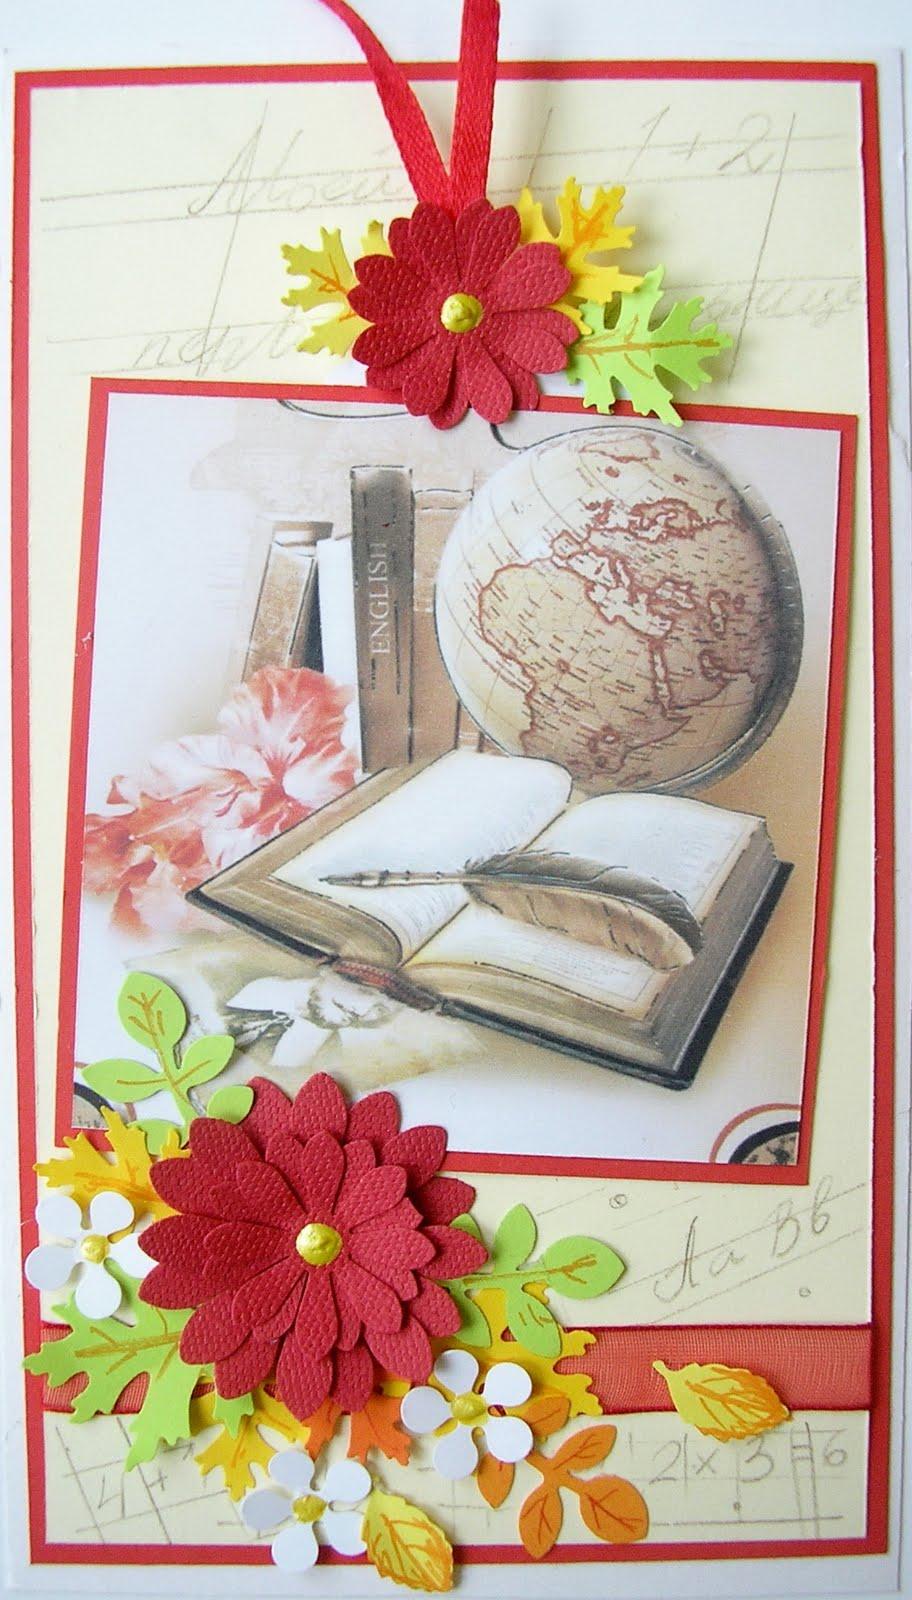 Картинки открыток ко дню учителя своими руками, для контакта картинки